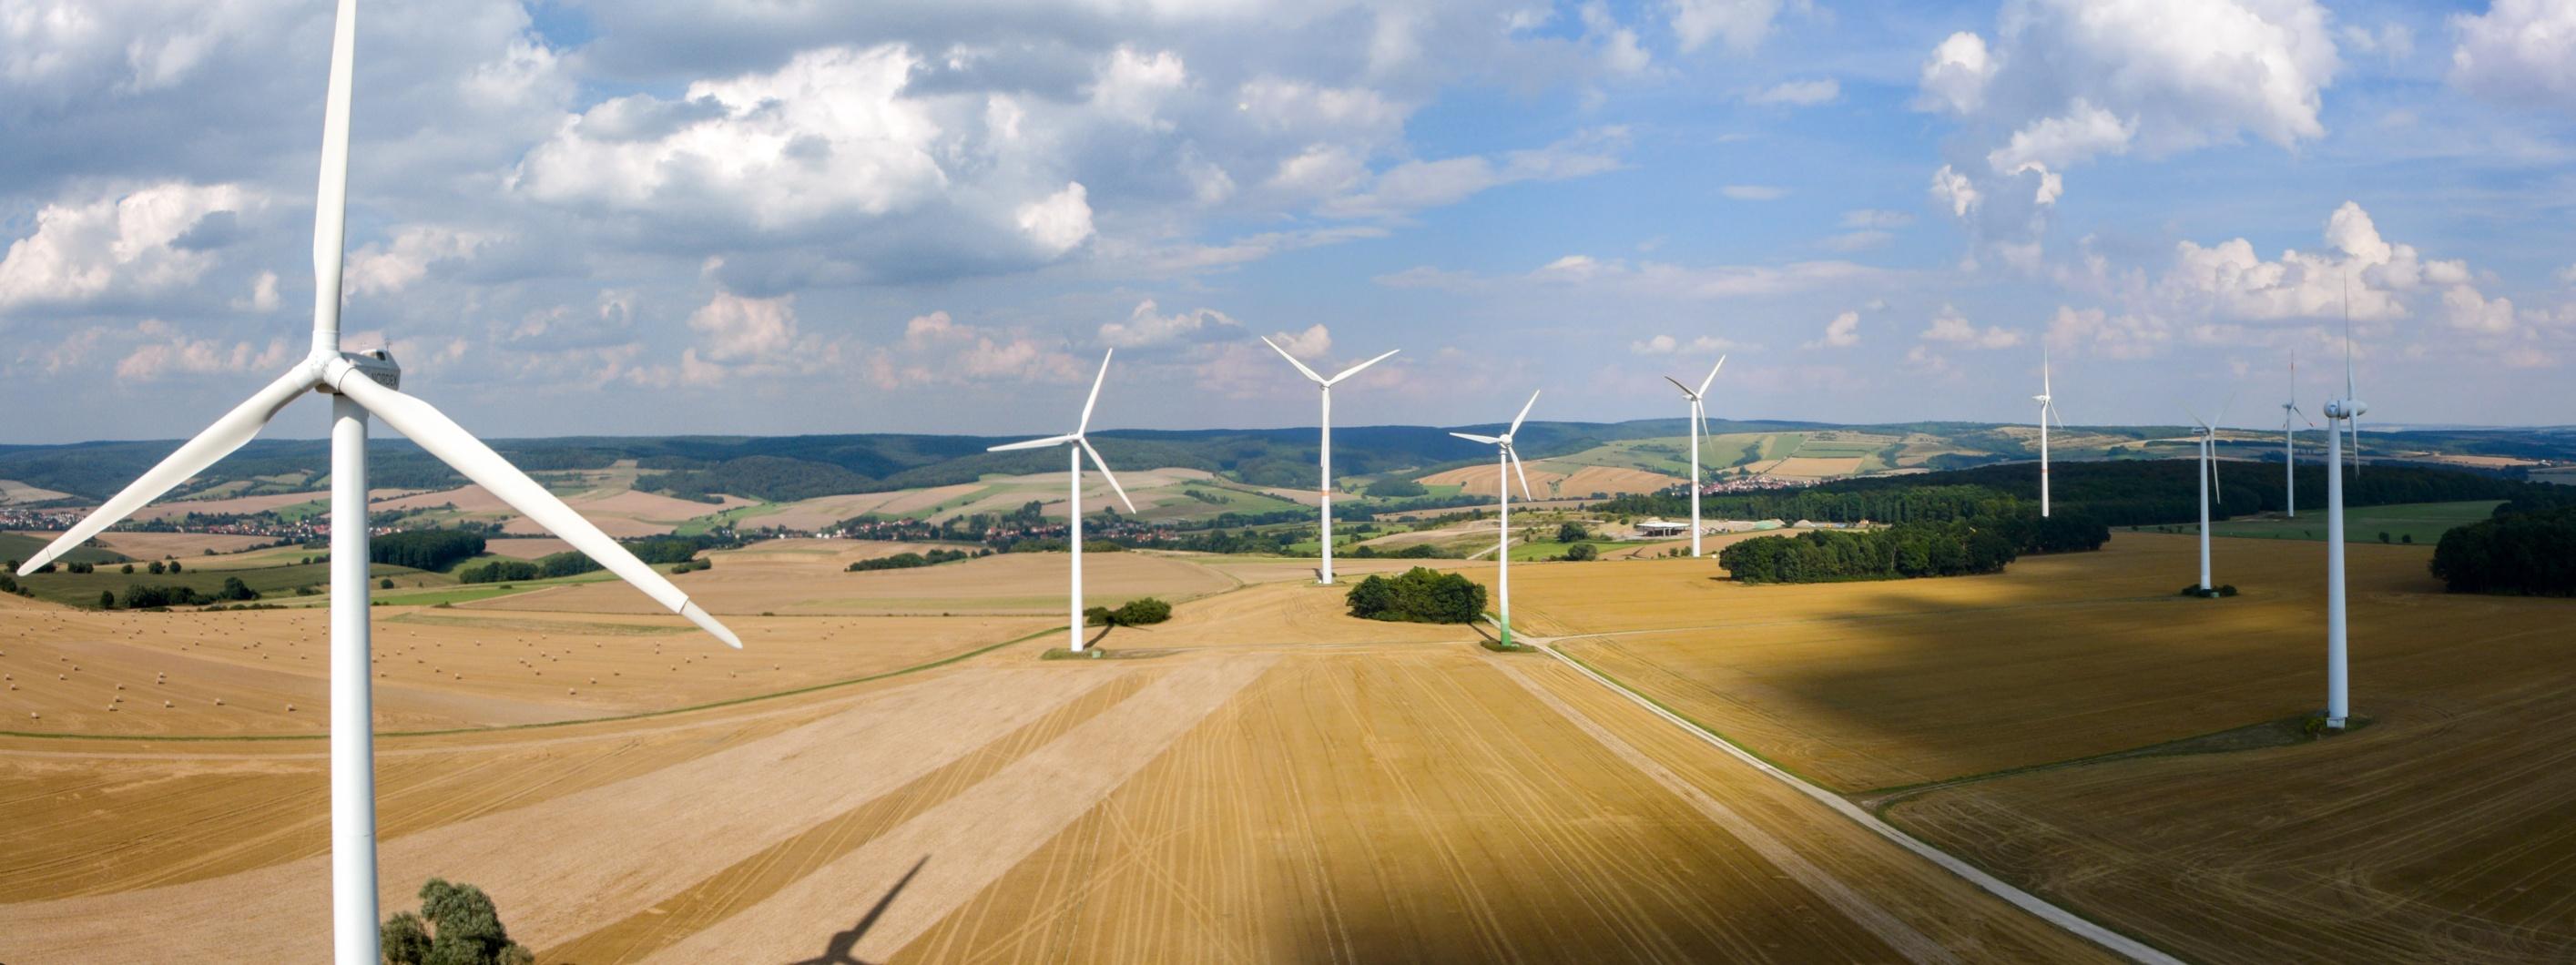 Inspektionsflug Windkraftwerk